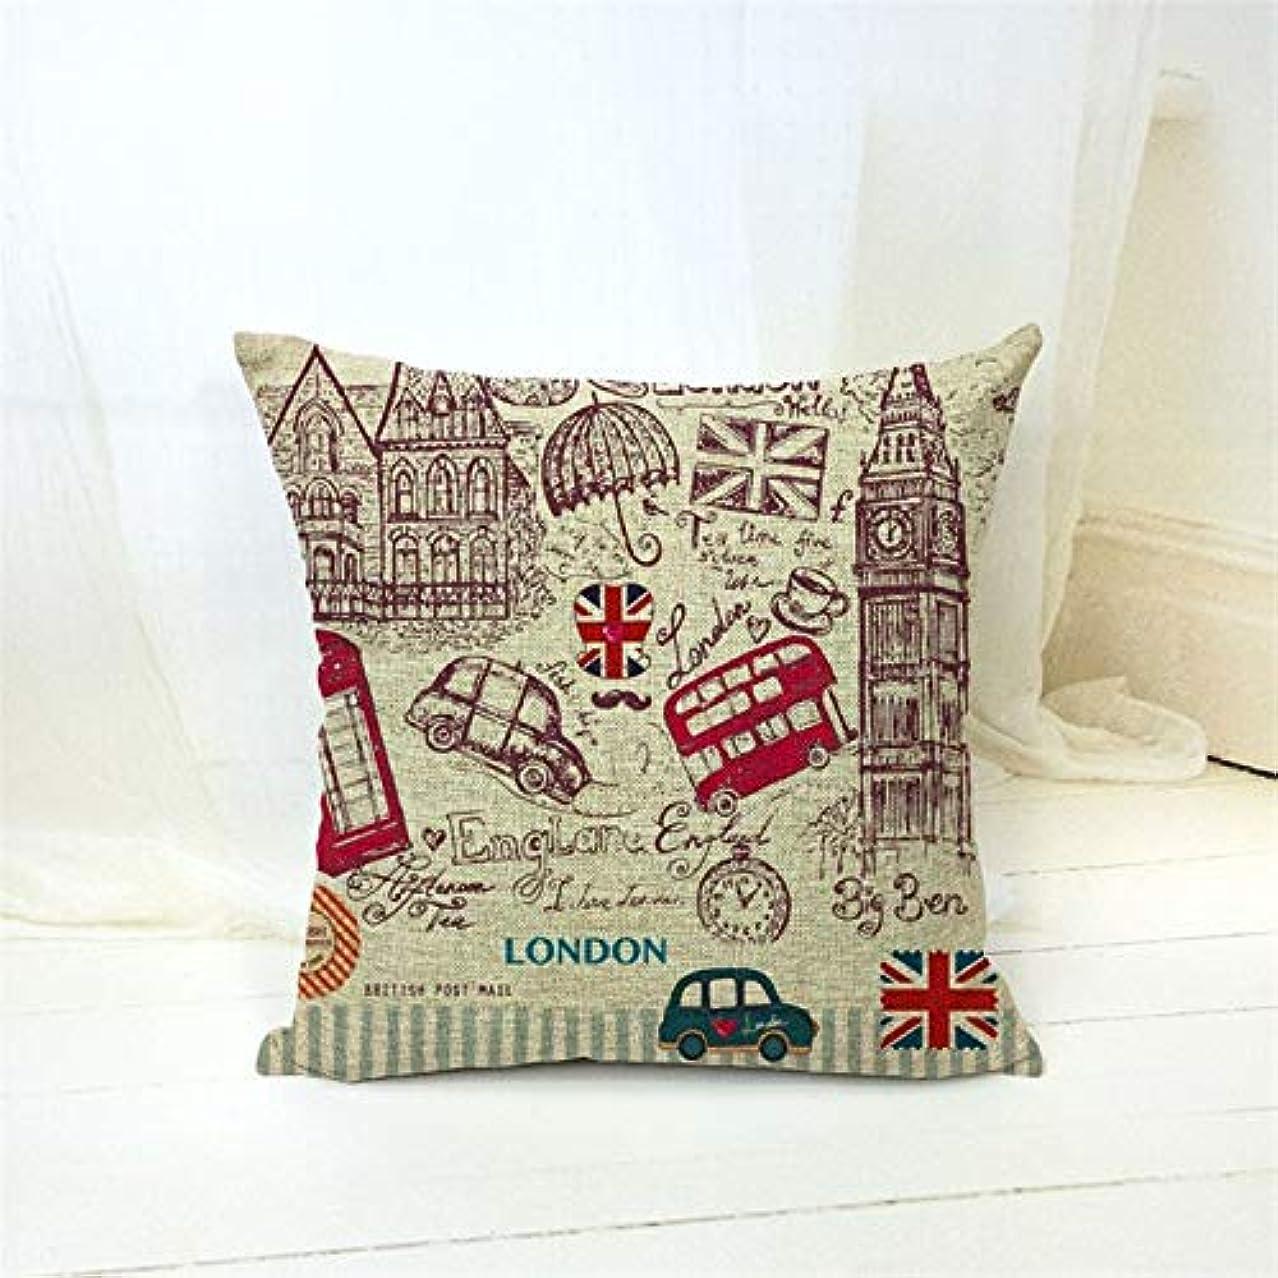 のり前者指標LIFE 新リネンプリントクッションホームソファカー装飾枕装飾枕 クッション 椅子